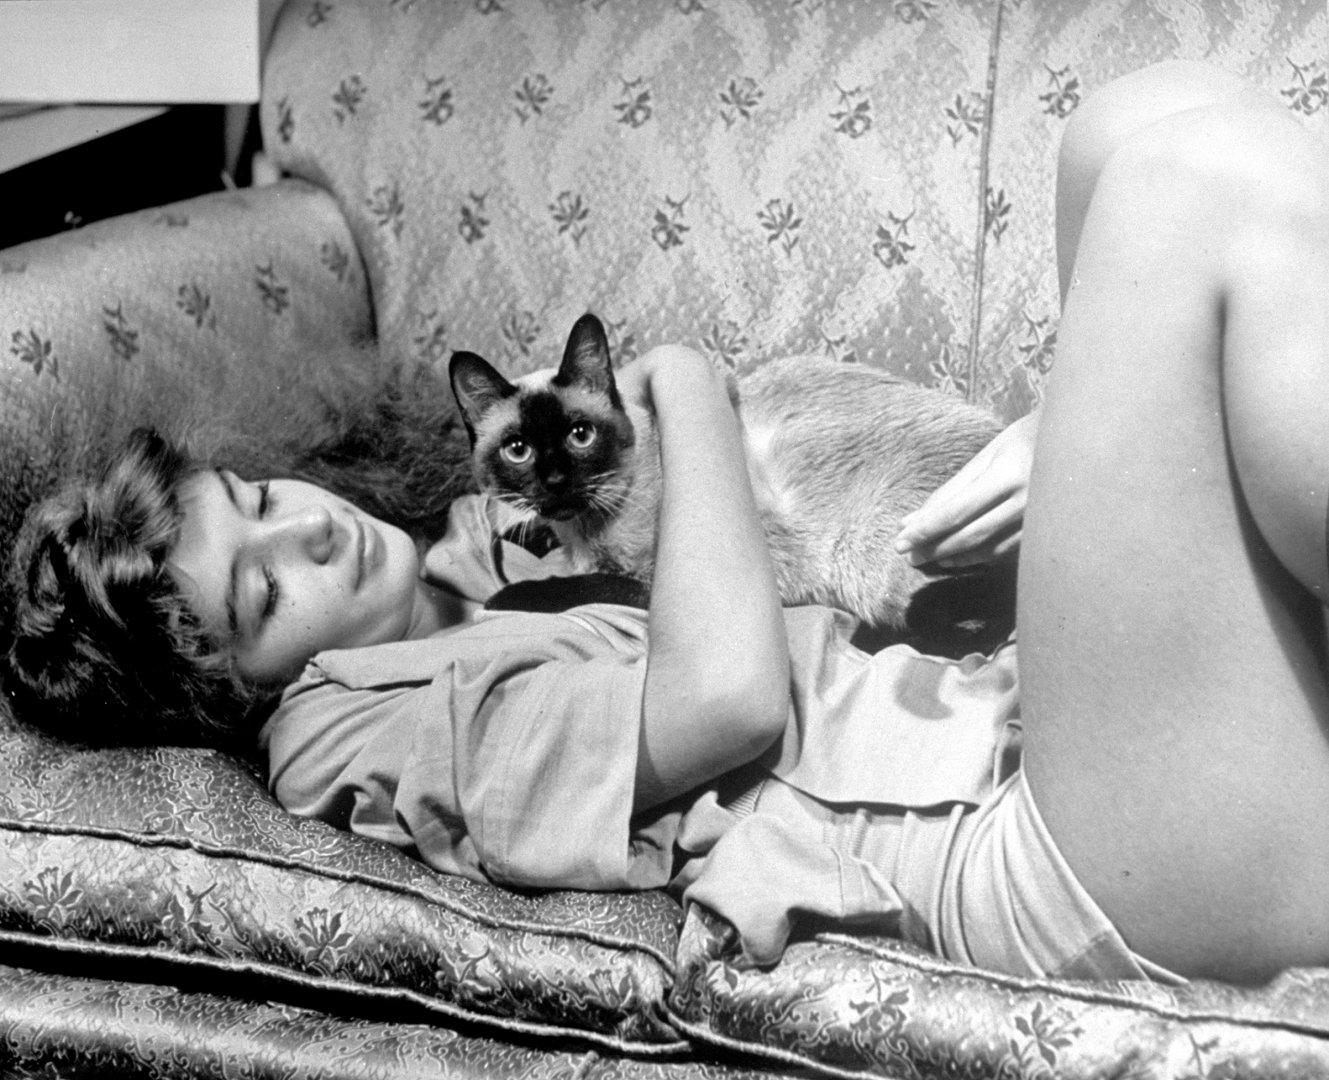 Начинающая балерина Эдвина Сивер со своей кошкой, 1940 год